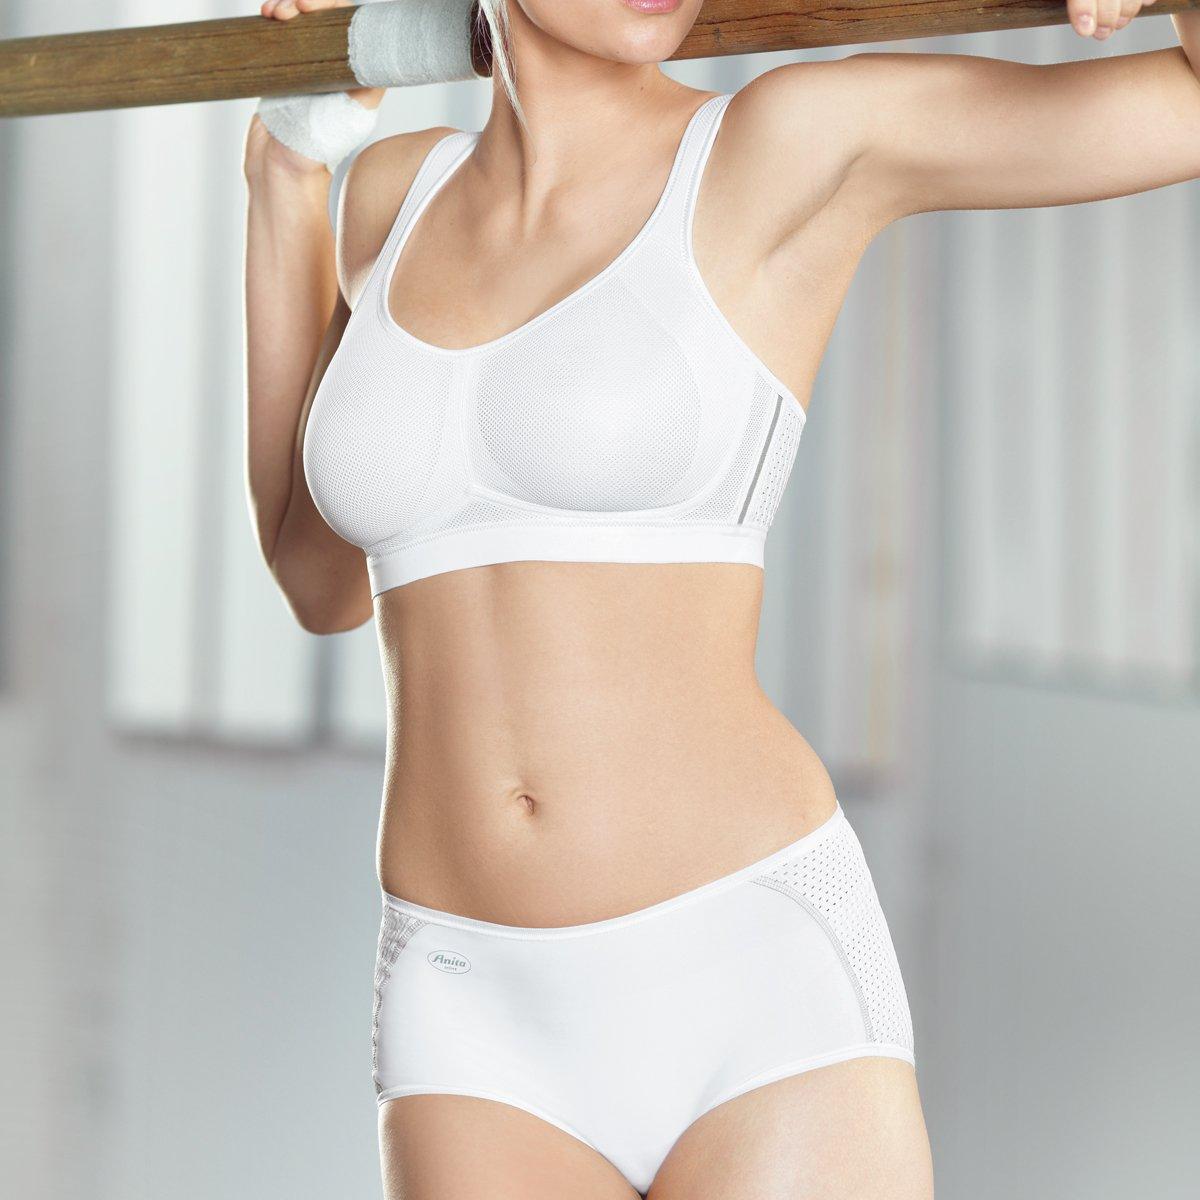 ANITA 5533 - Soutien-gorge de sport - Sans armature - Uni - Femme  Amazon.fr   Vêtements et accessoires b931f2458cd